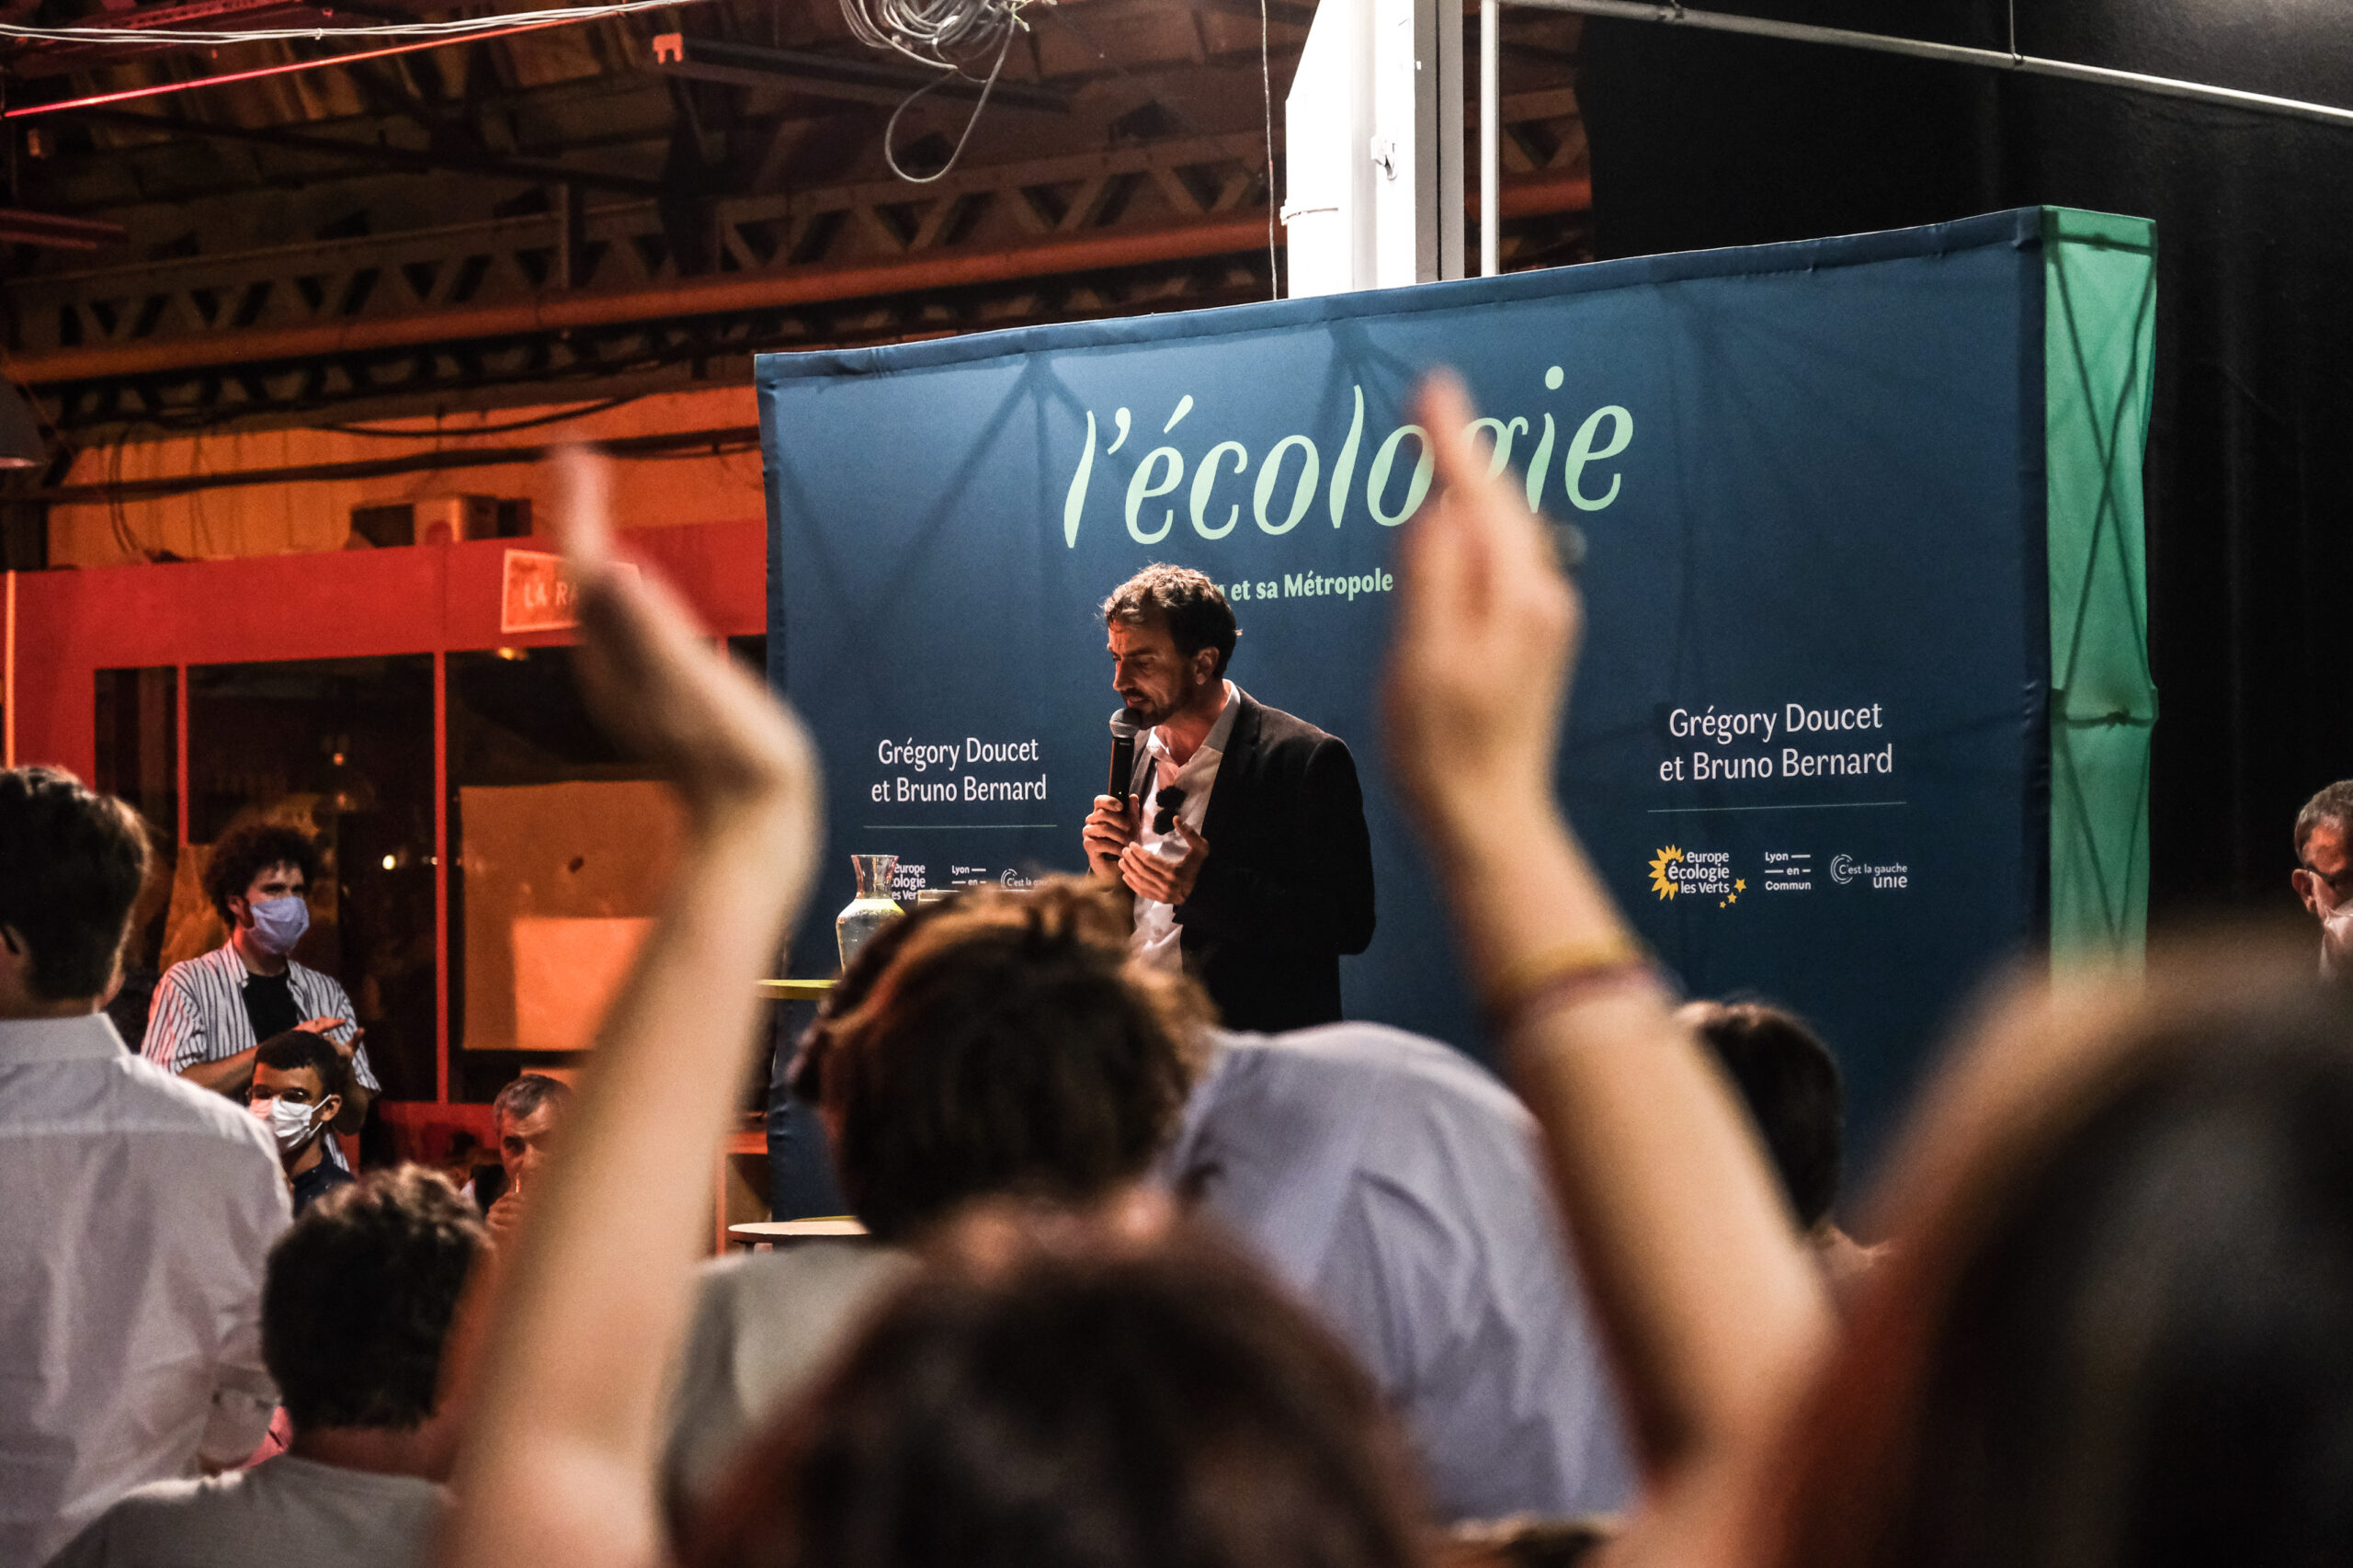 Grégory Doucet s'exprime devant ses militants au soir de sa victoire aux municipales